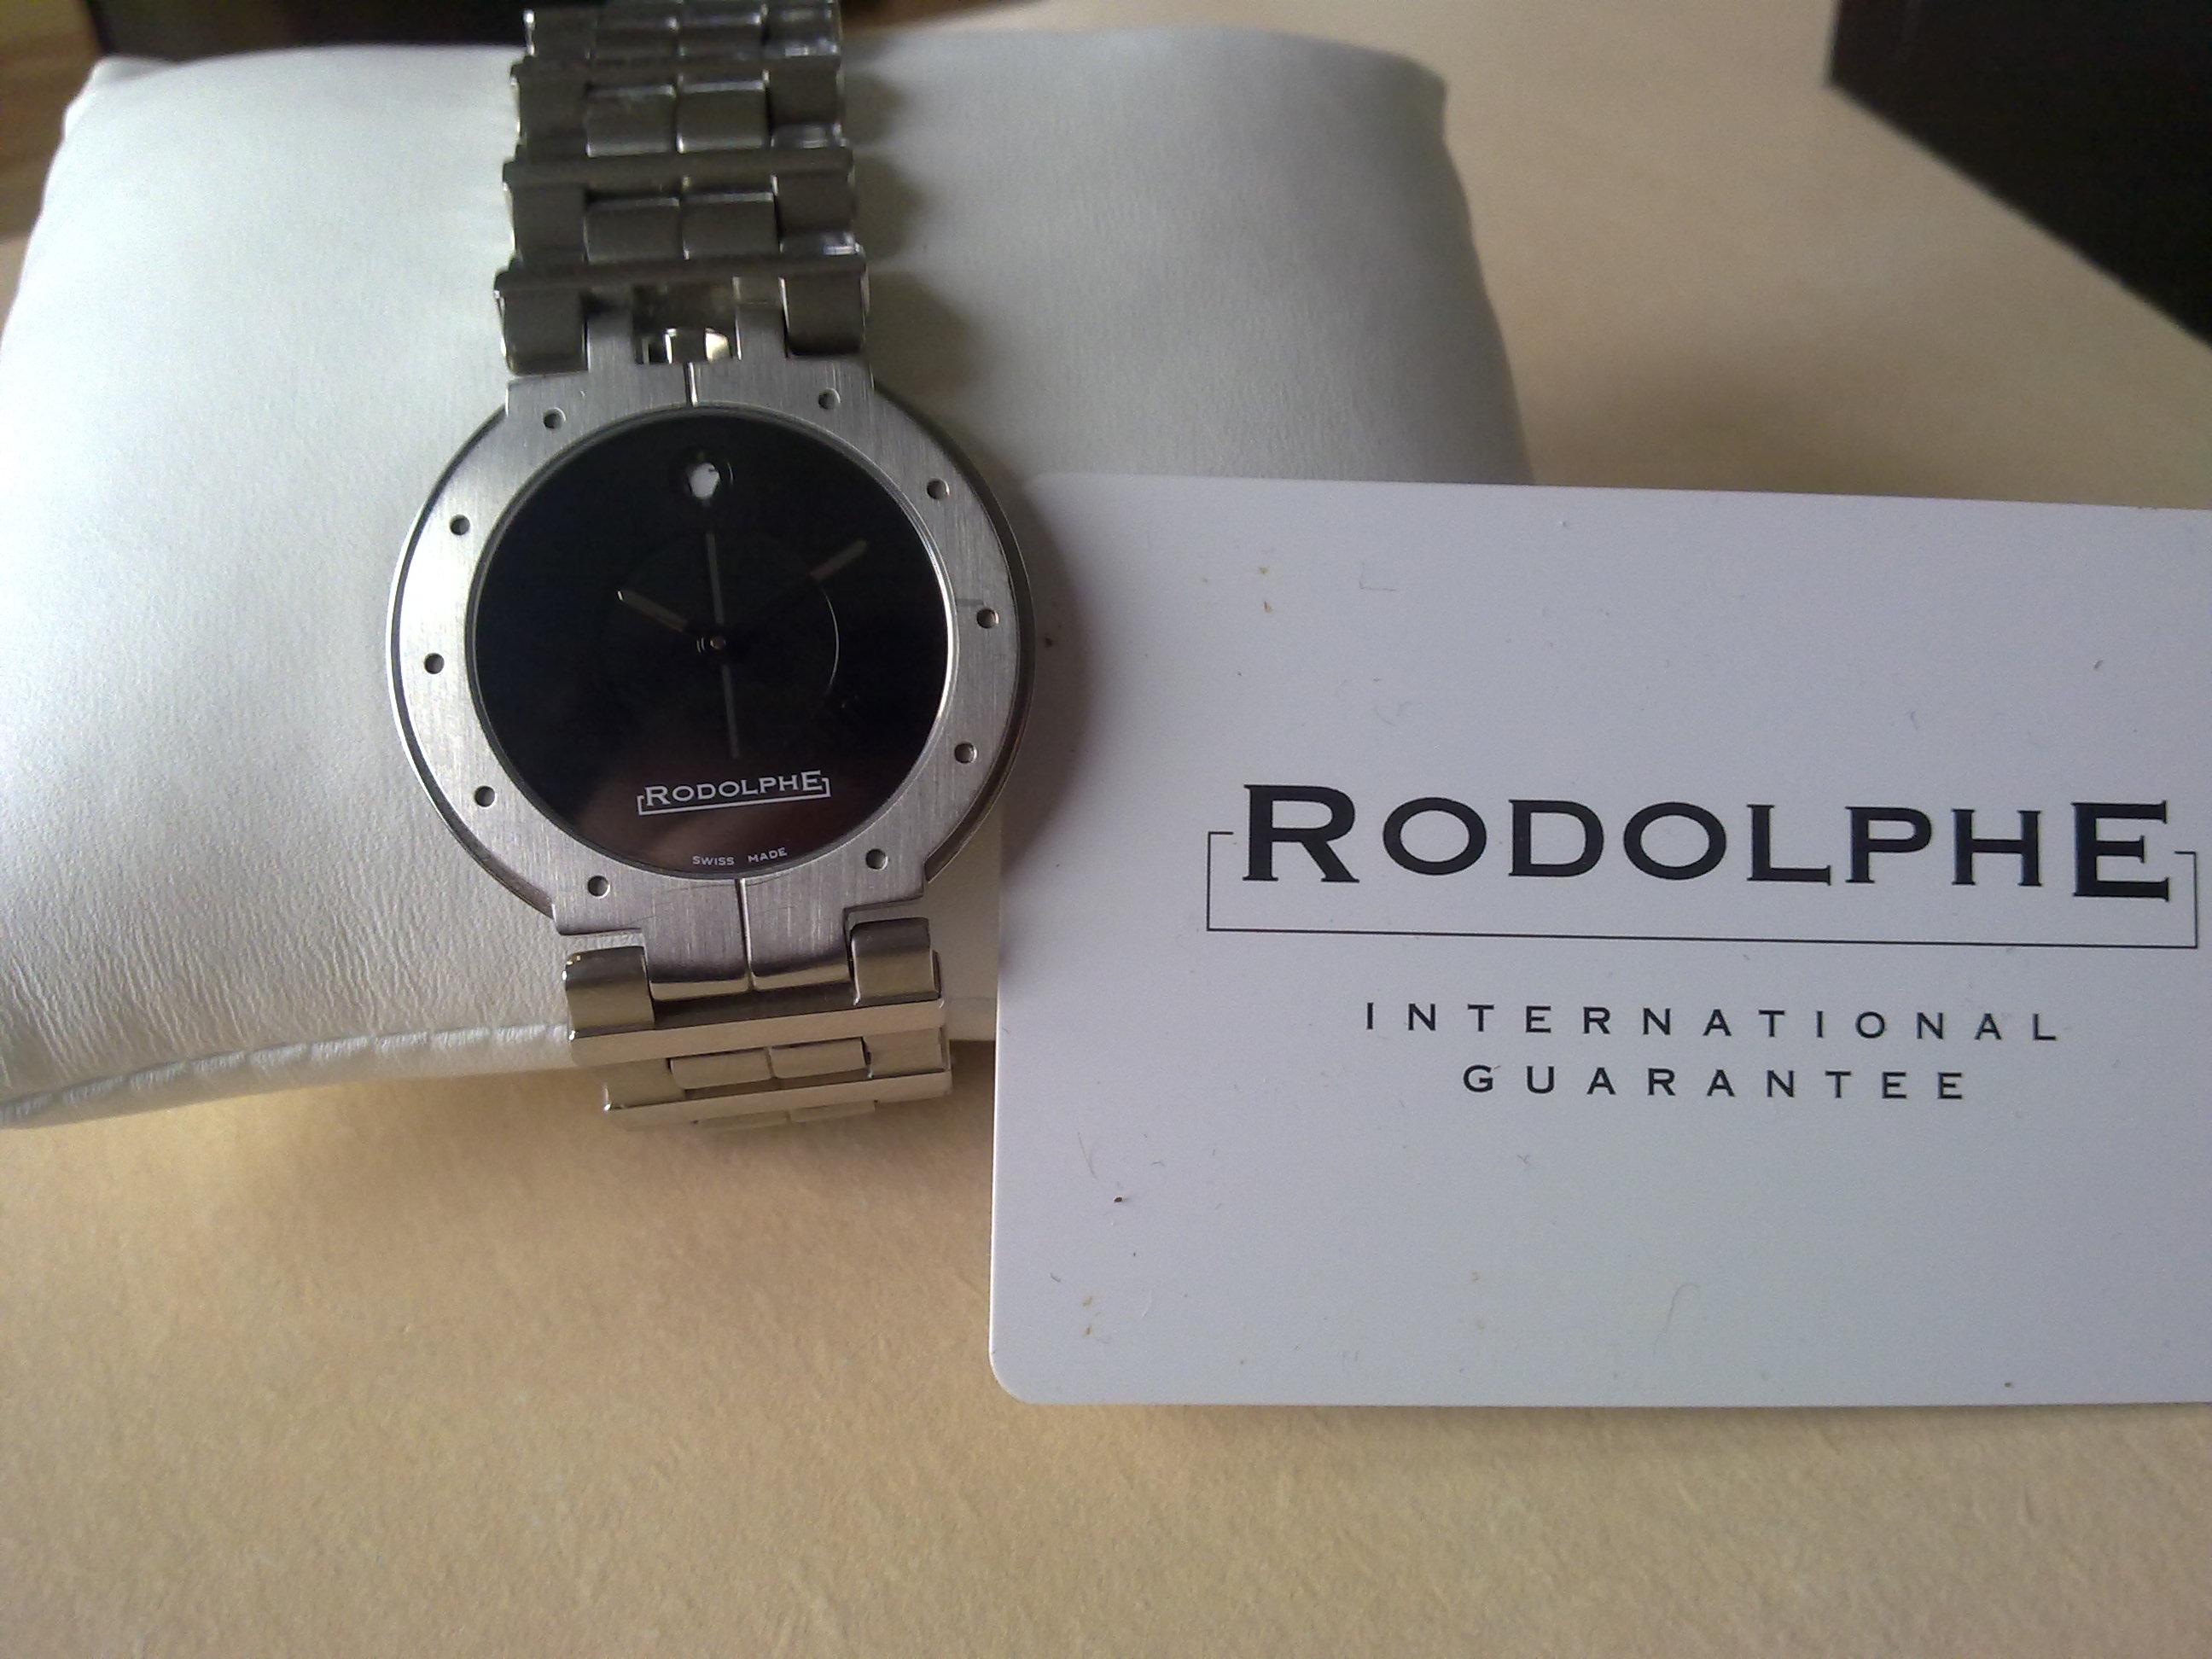 super qualité service durable les mieux notés rodolphe montres et bijoux sa